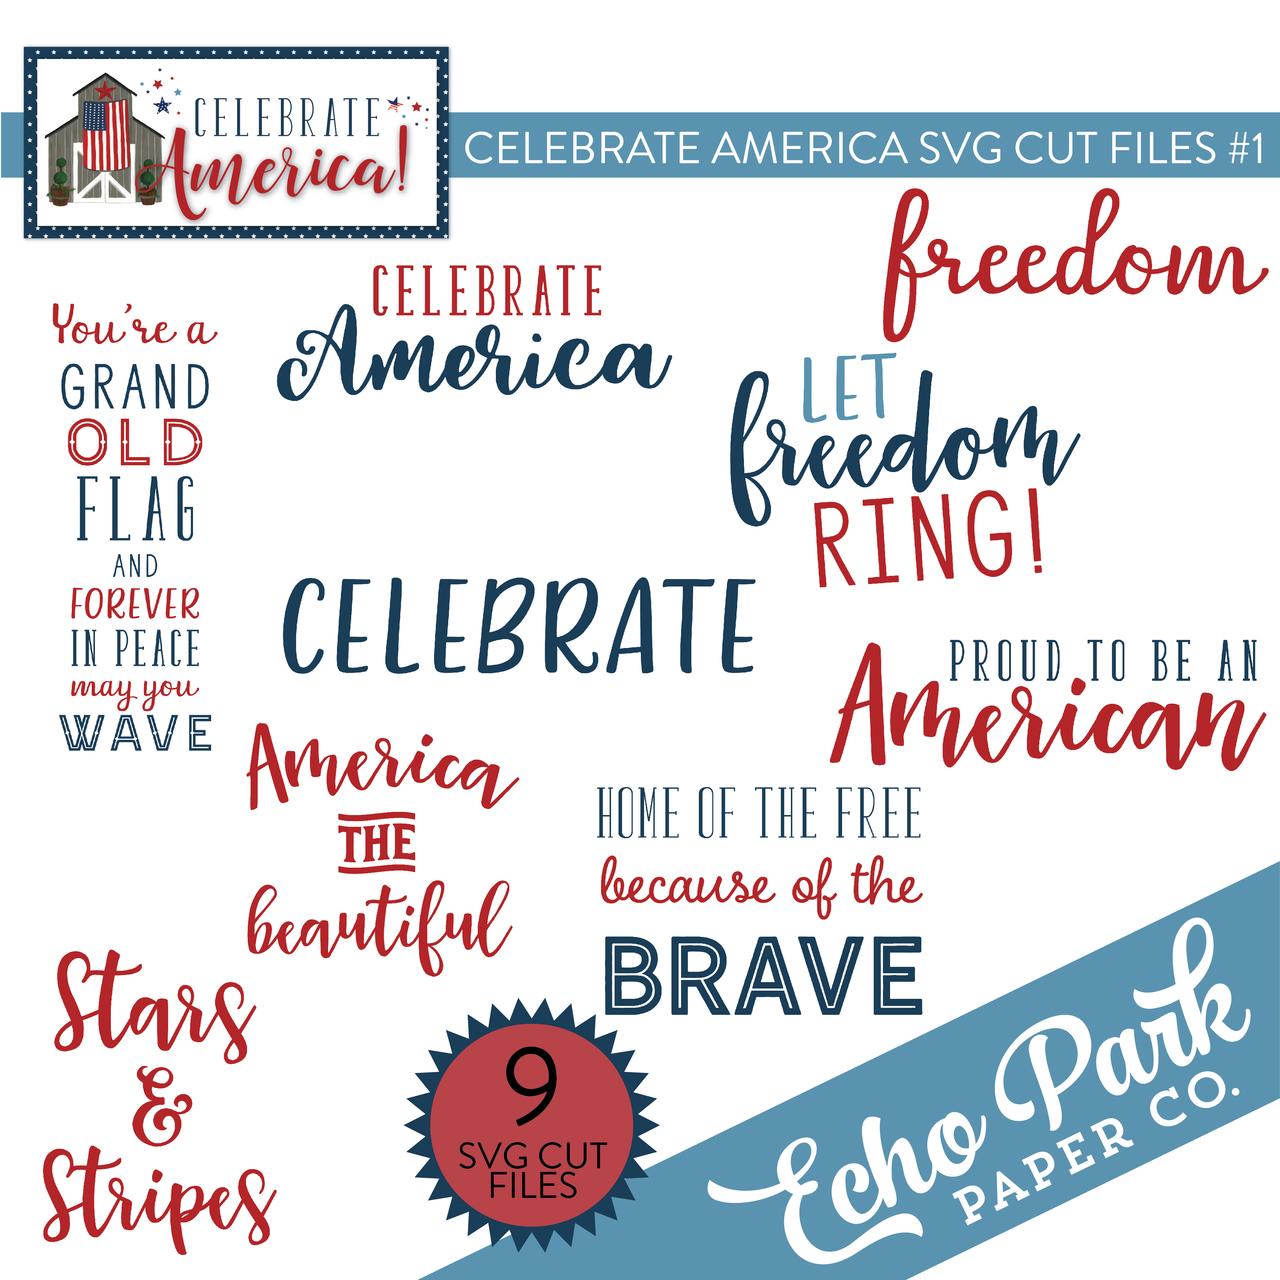 Celebrate America SVG Cut Files #1